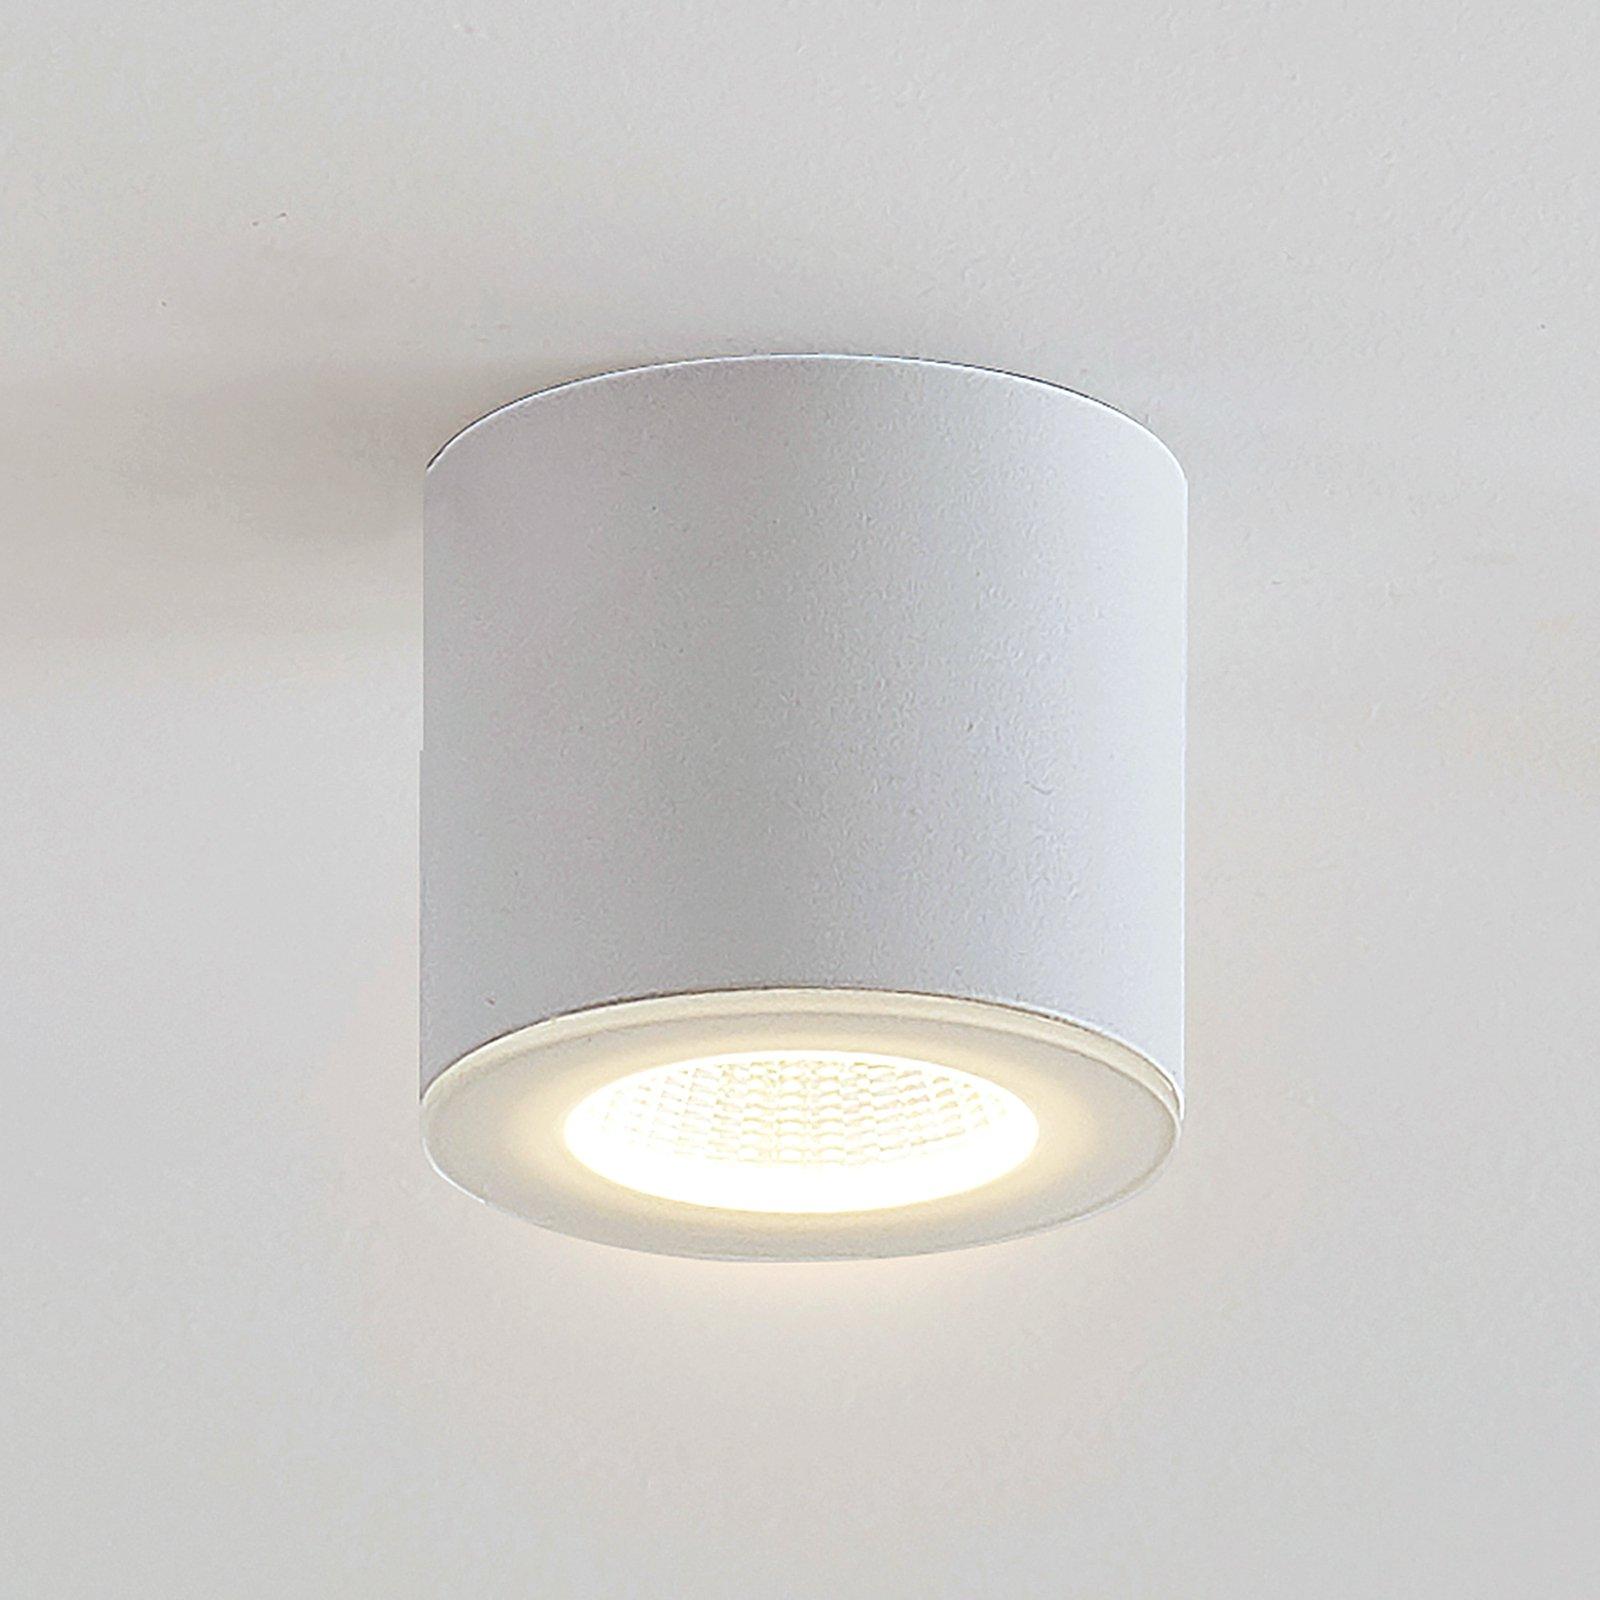 LED-downlight Demrian i hvitt, rund